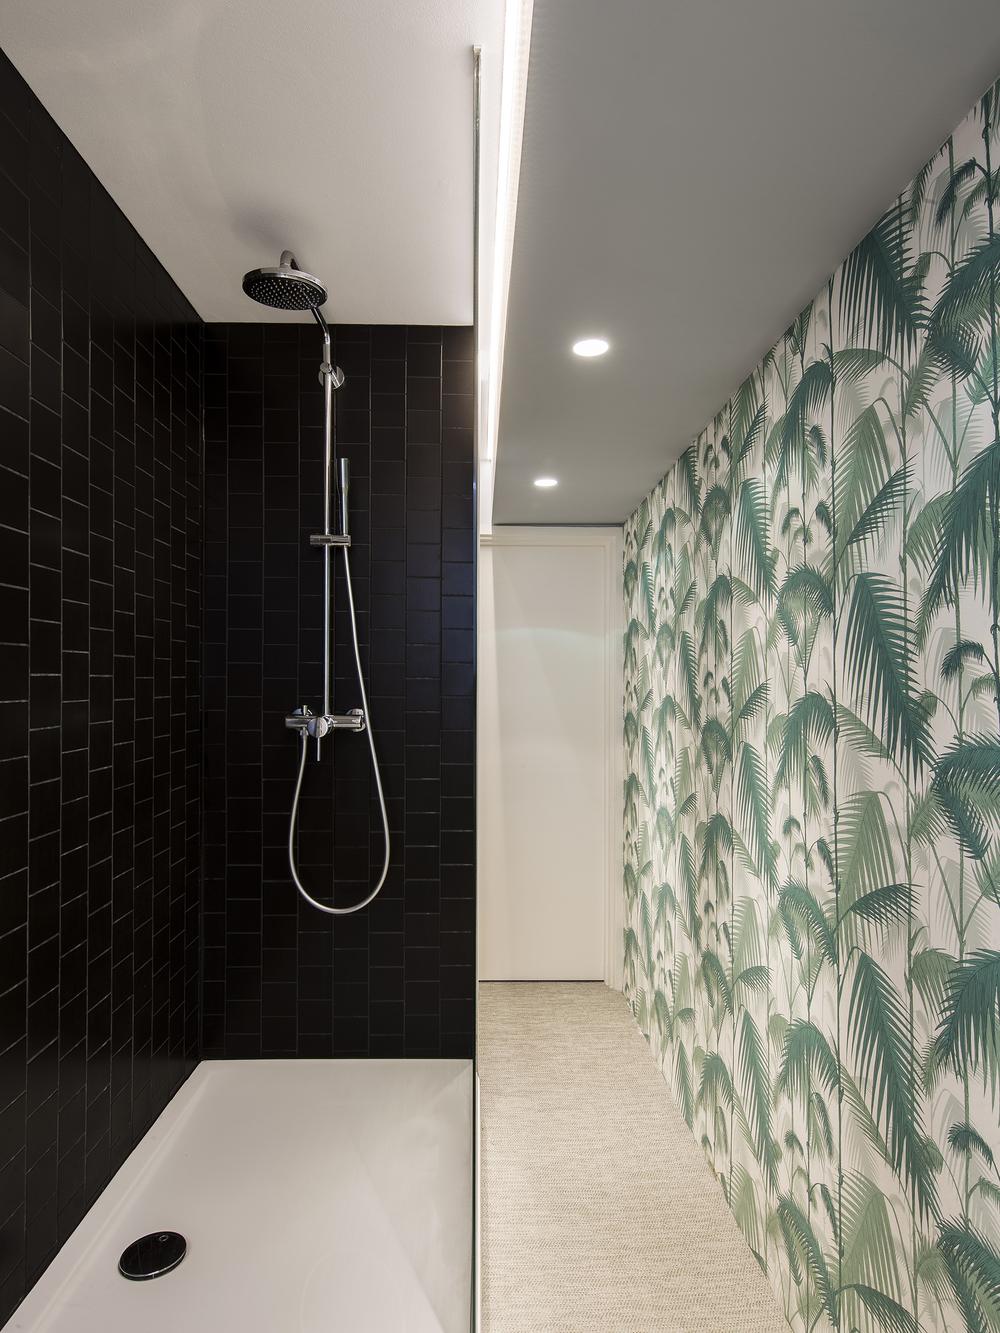 Apartment Filippo, London,small architecture,interior design, bath, shower, Studio Alexander Fehre